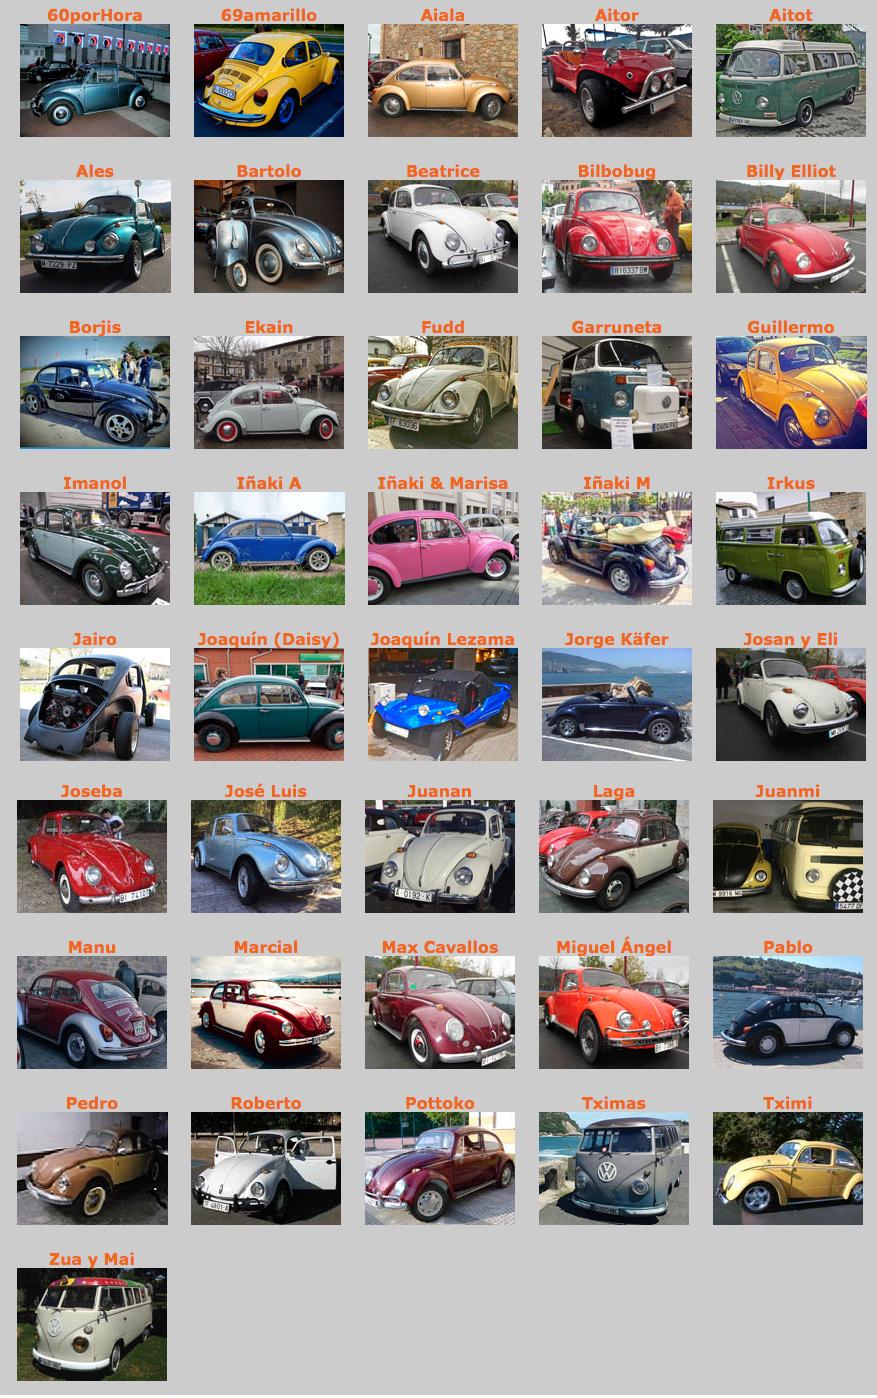 Los coches de los socios del ELT - 2019 (Fotos) Todos_10